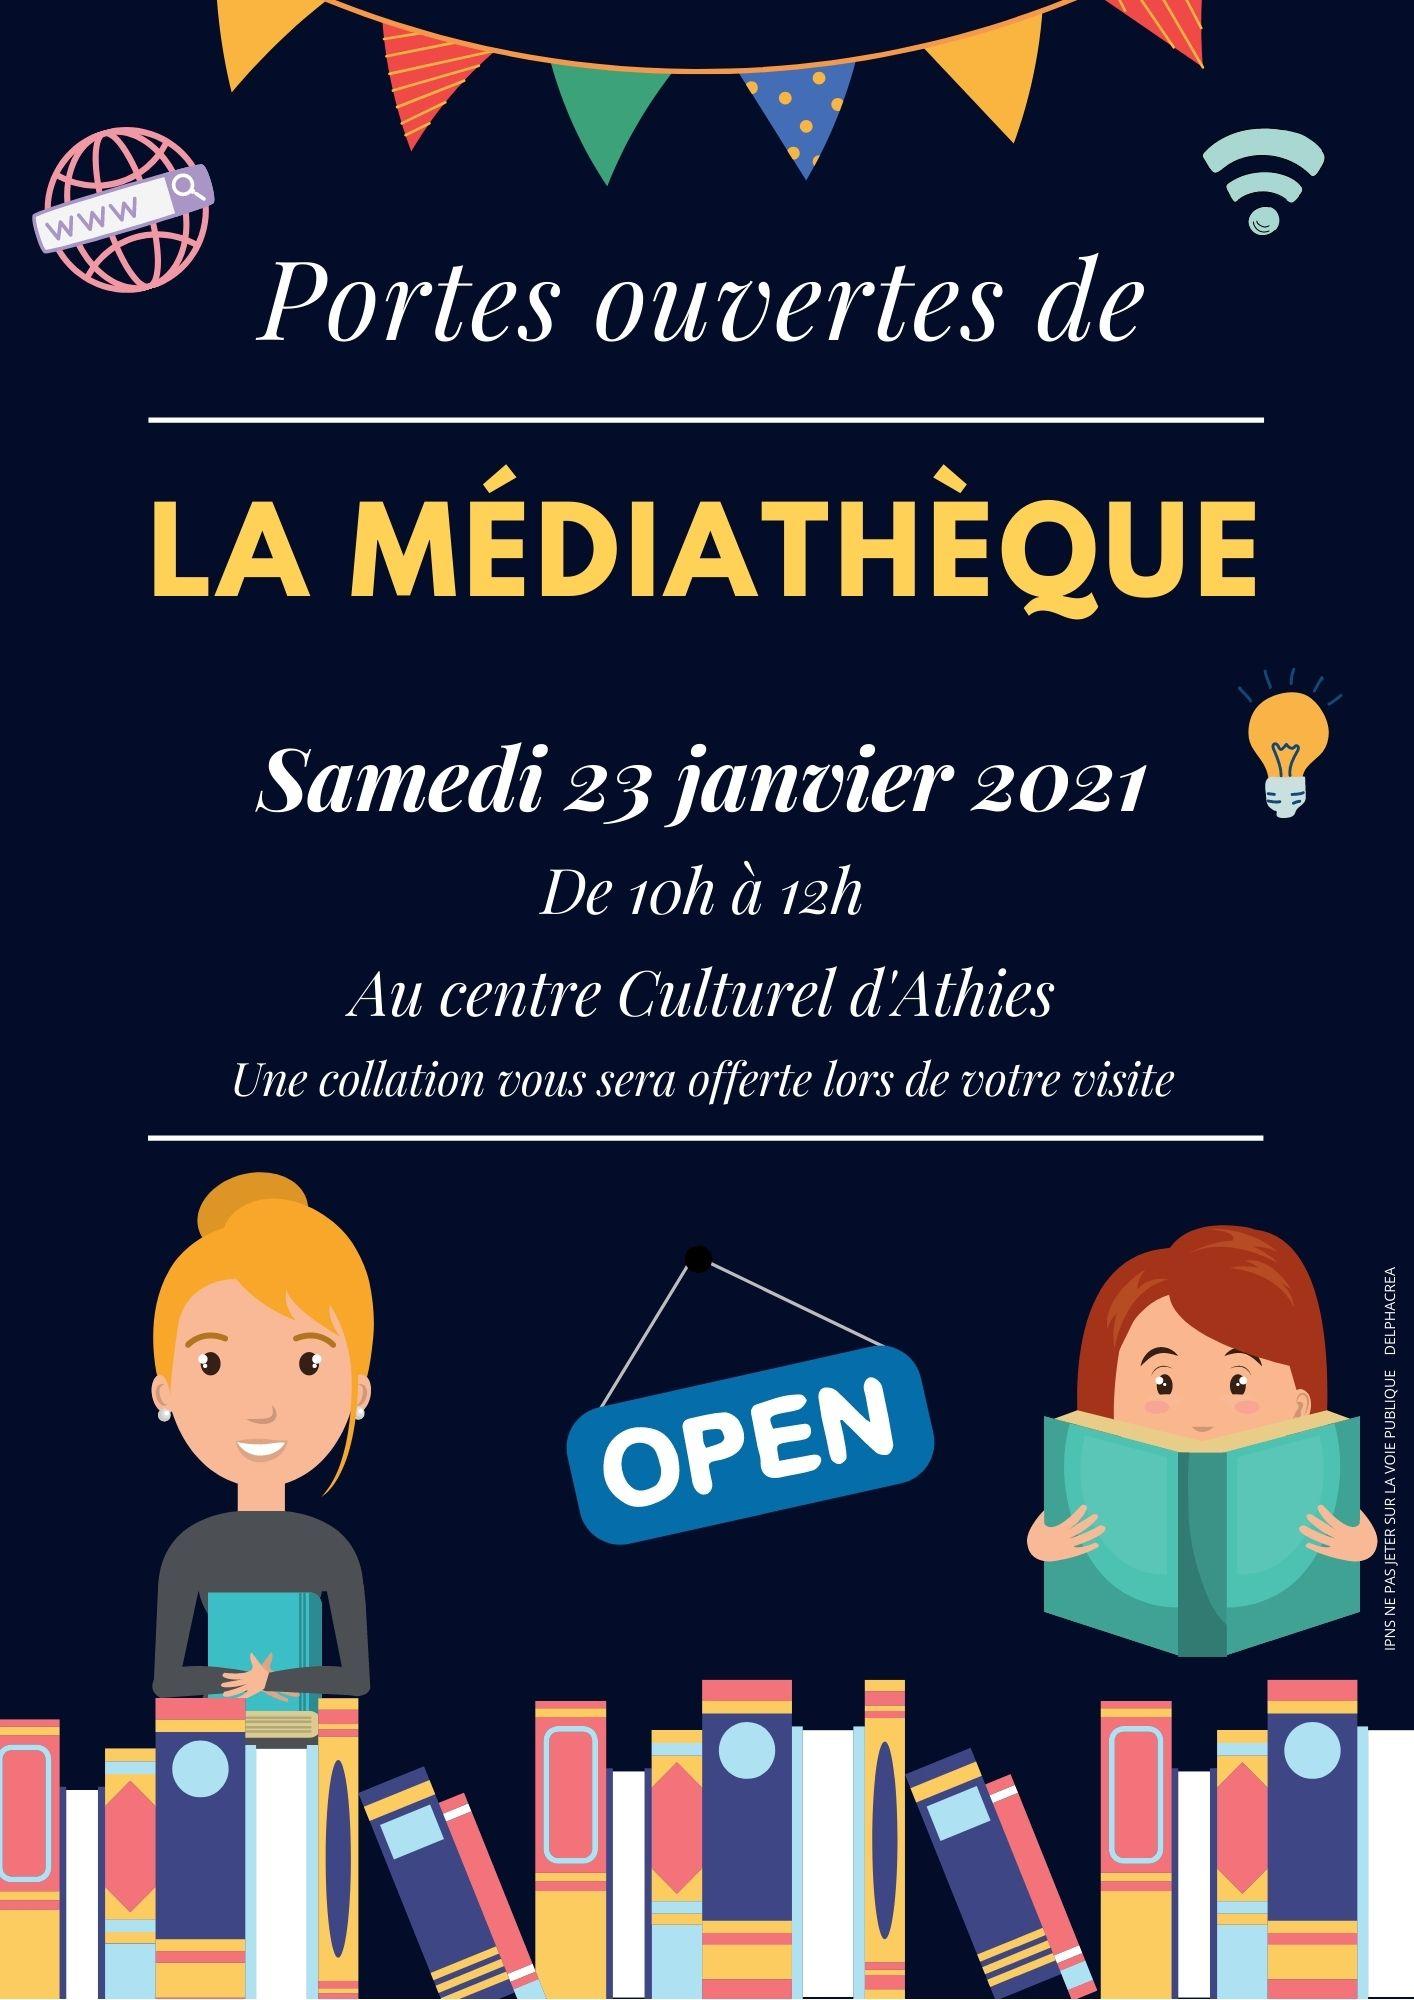 Portes ouvertes de votre médiathèque Samedi 23 janvier entre 10h et 12h